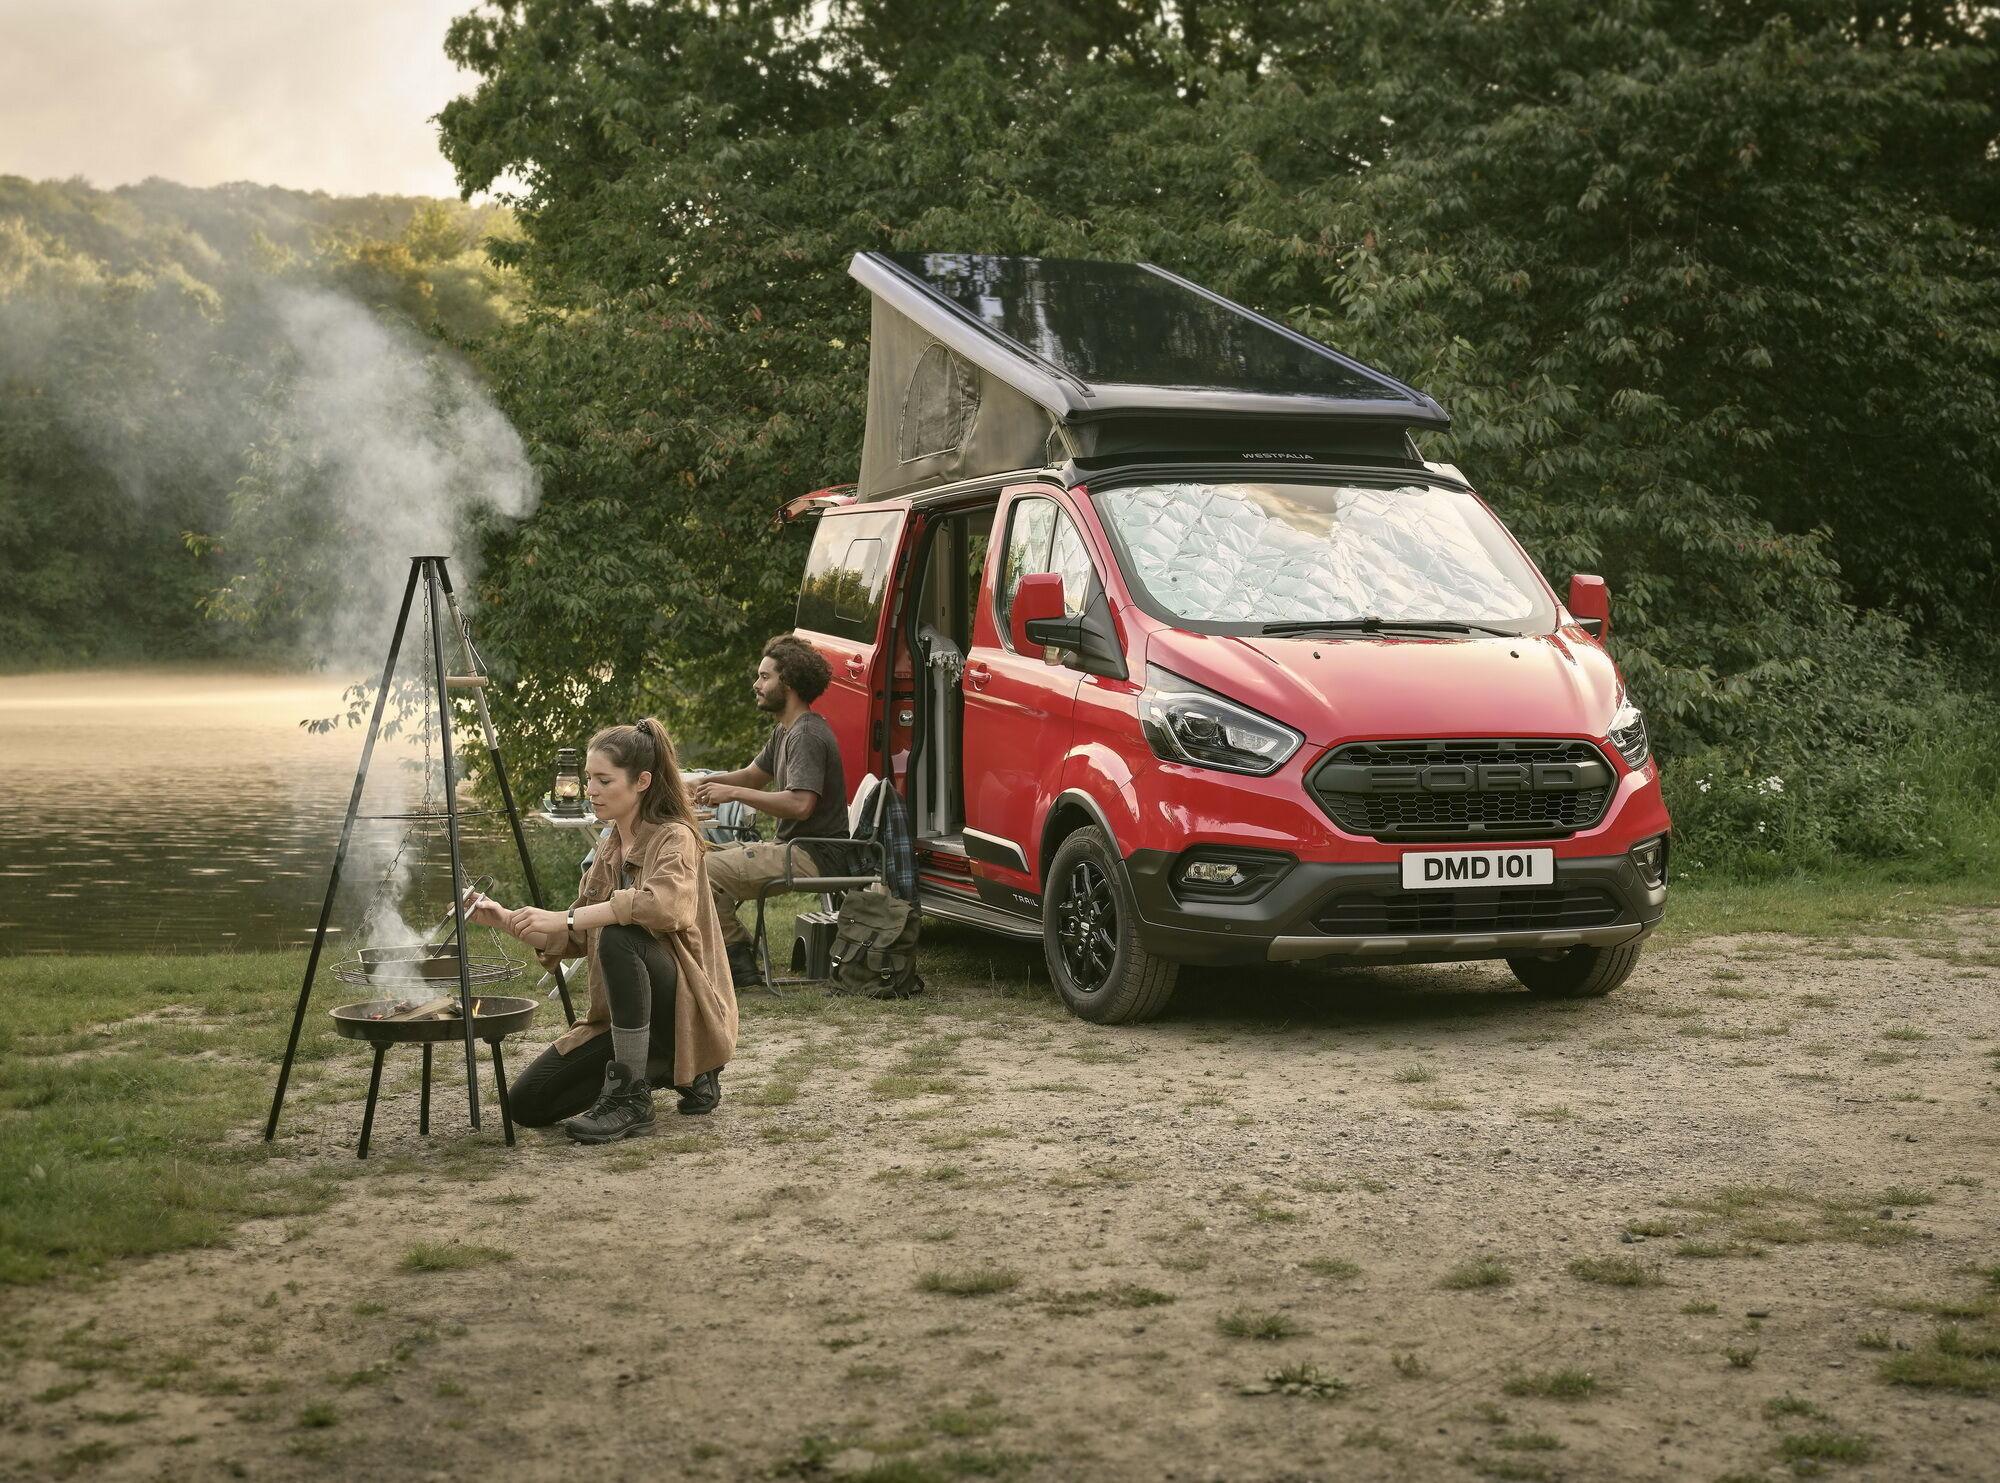 Компанія Ford підготувала для європейських любителів подорожей будинок на колесах на базі популярної моделі Transit